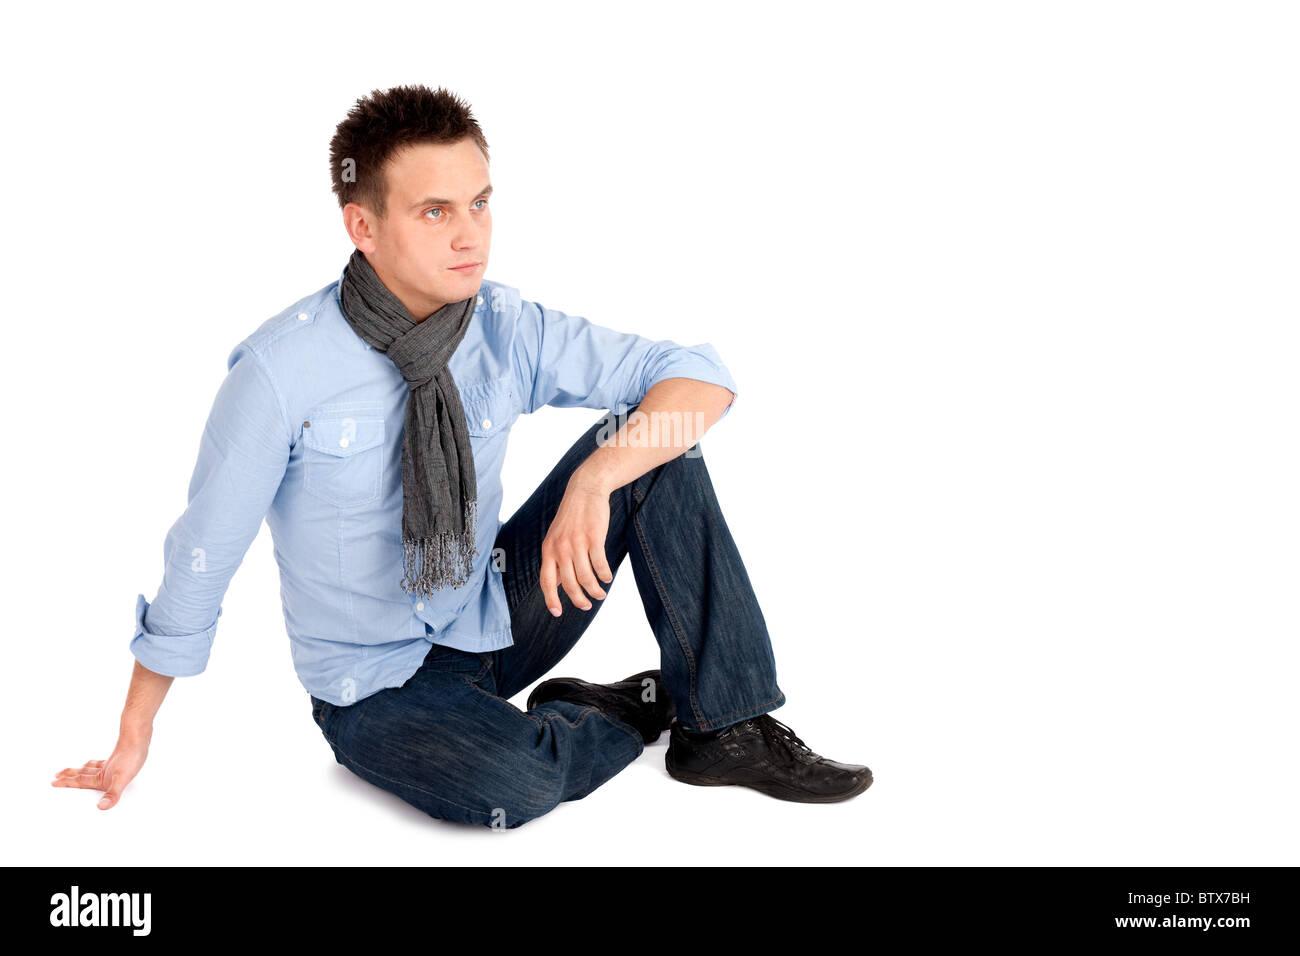 super popular 433ad 3a676 Casual Giovane Uomo in camicia e jeans seduto a terra ...